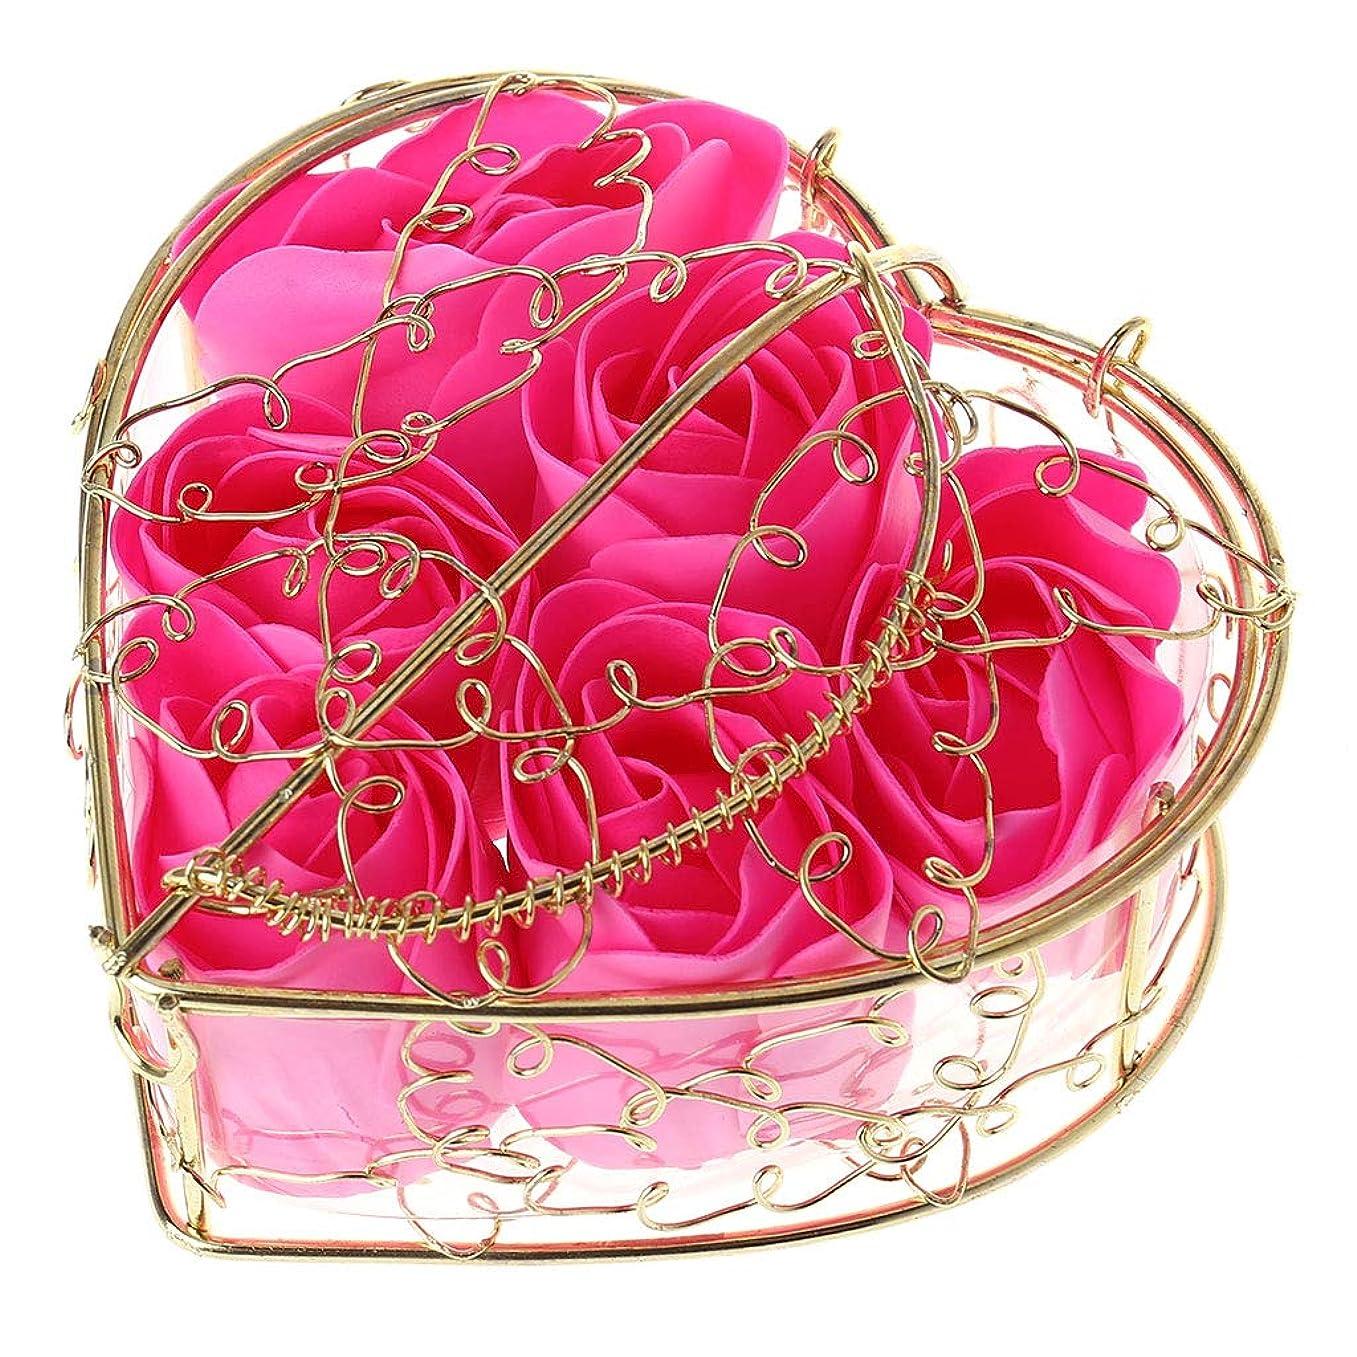 クレーン式ポスト印象派Kaman-co 6本の香りのバラの花びら、入浴ボディーソープ、ウェディングパーティーの装飾ギフト、バレンタインデーの贈り物 (HP)